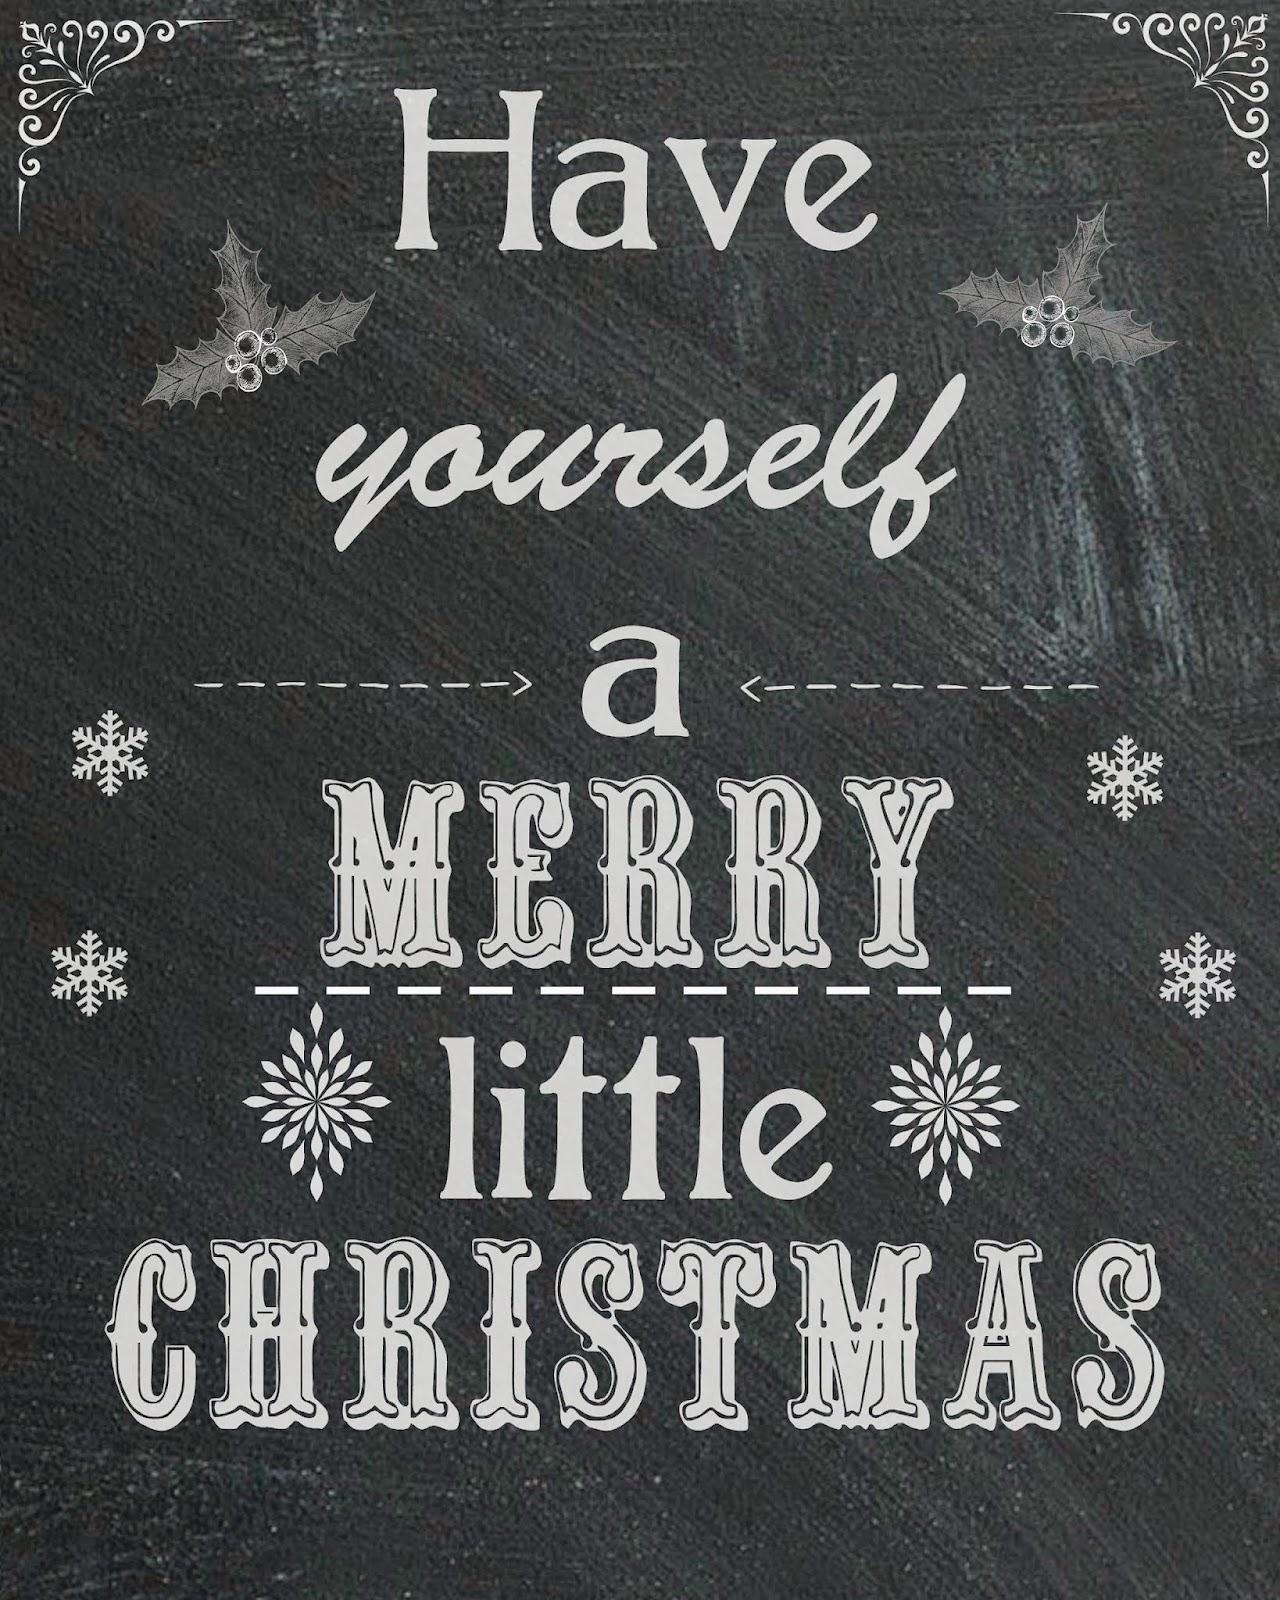 Free Christmas Chalkboard Printable  #TasteTheSeason #ad